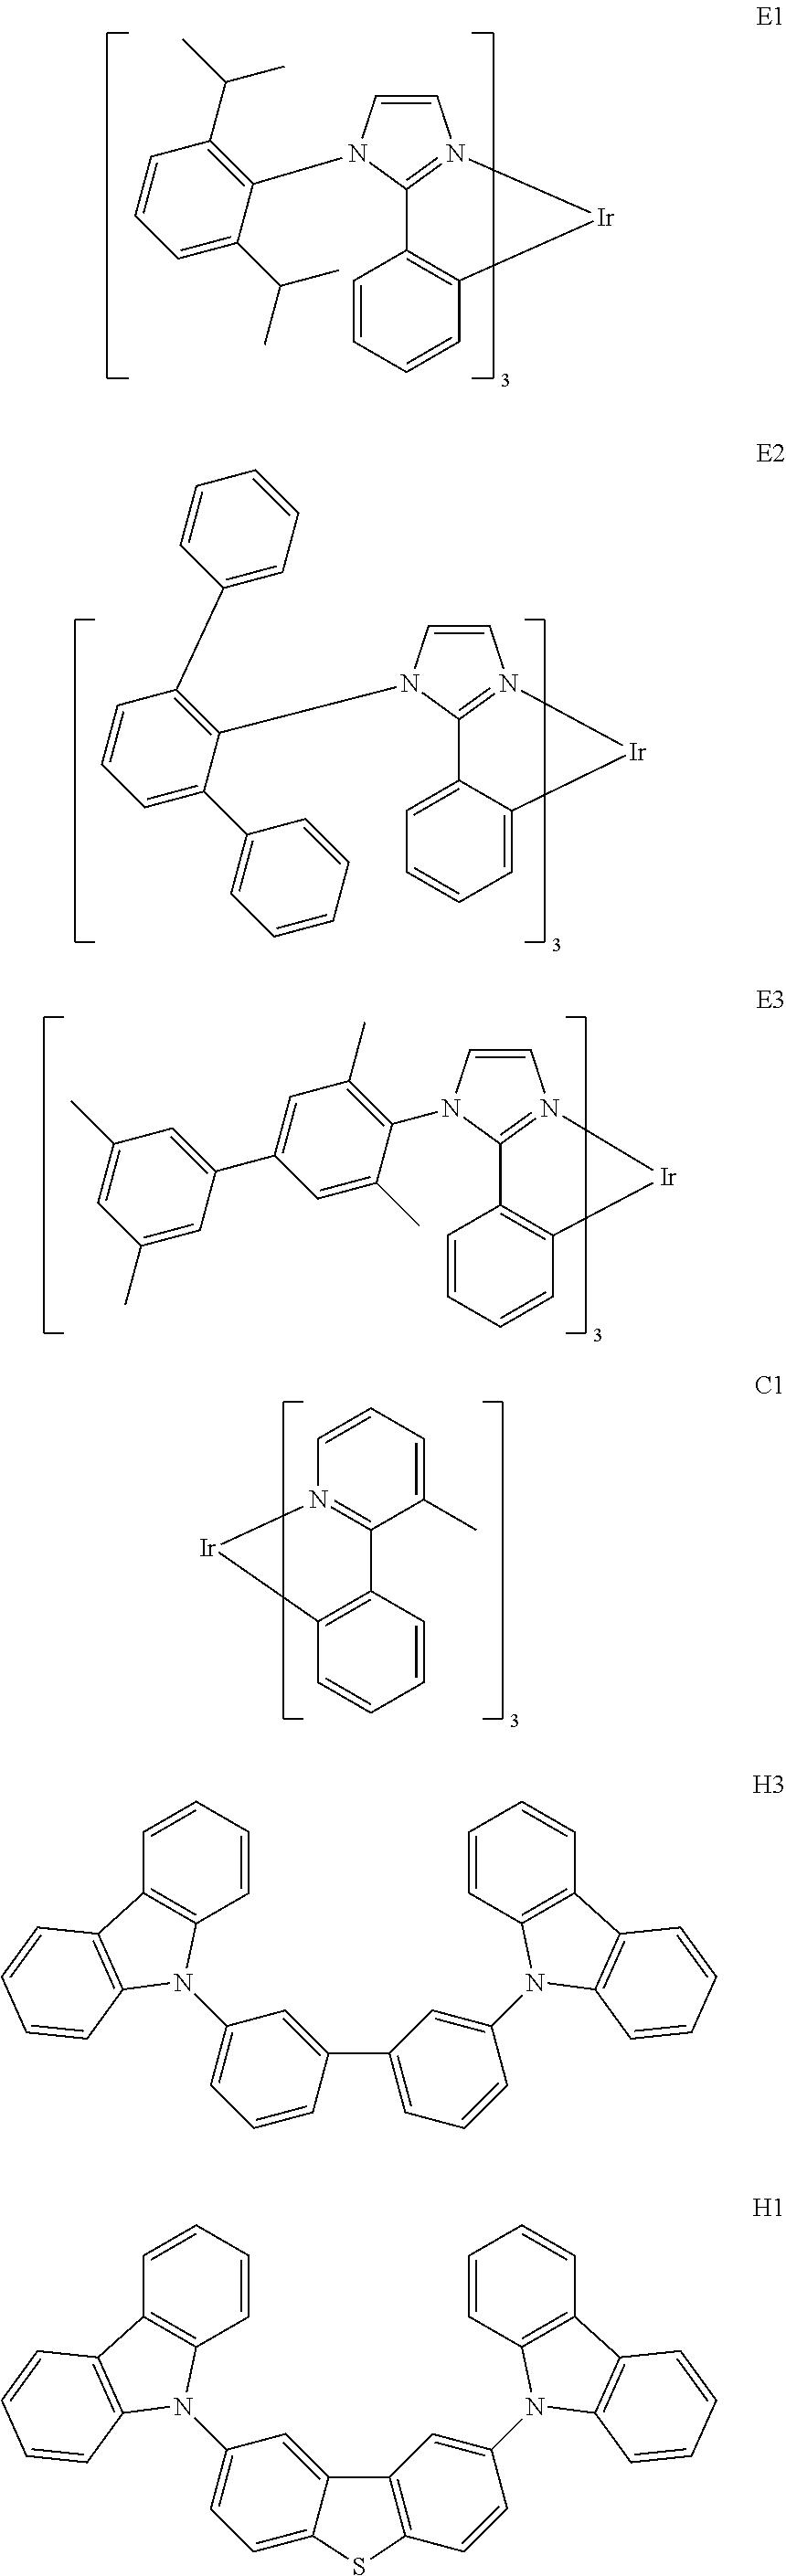 Figure US08586204-20131119-C00178